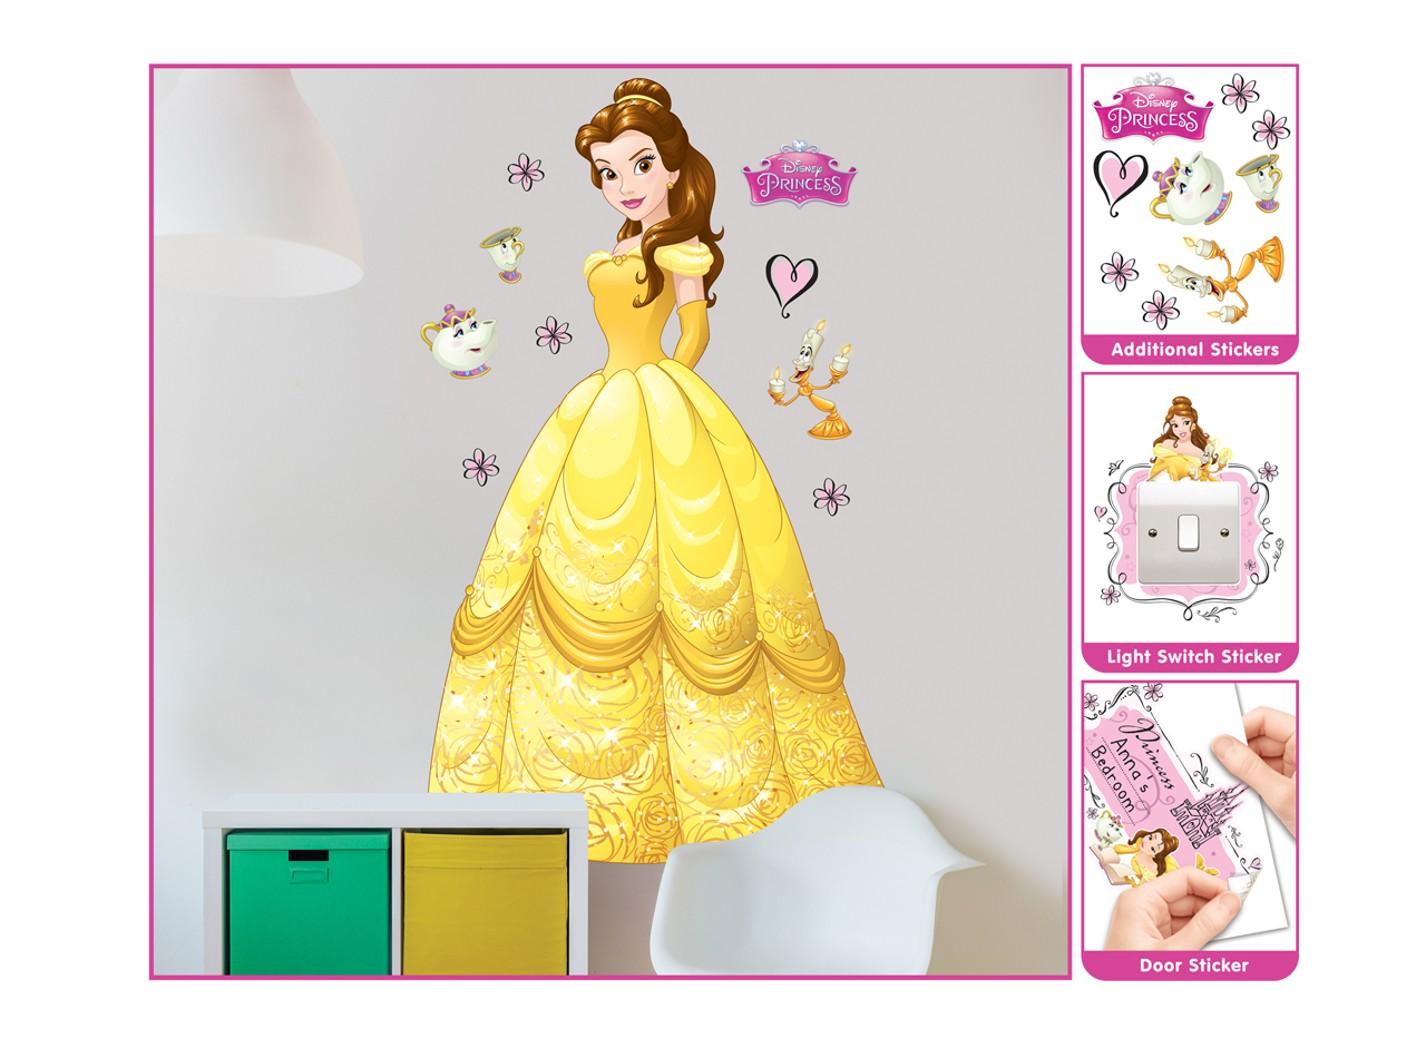 Samolepicí dekorace Walltastic Bella 44357 (Sada samolepek do dětského pokoje)